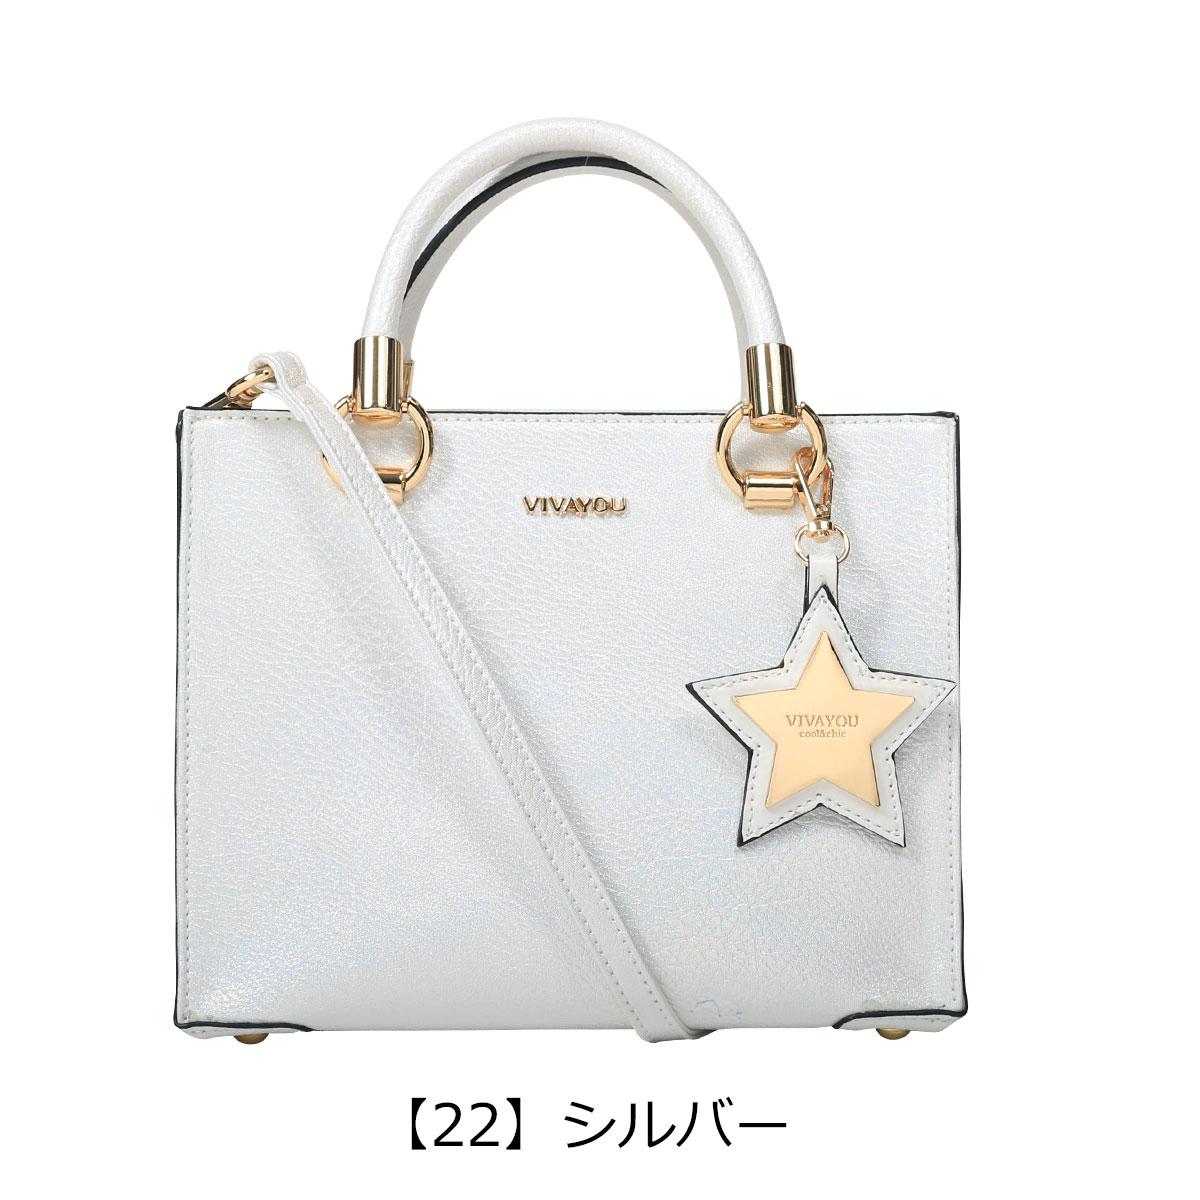 【22】シルバー